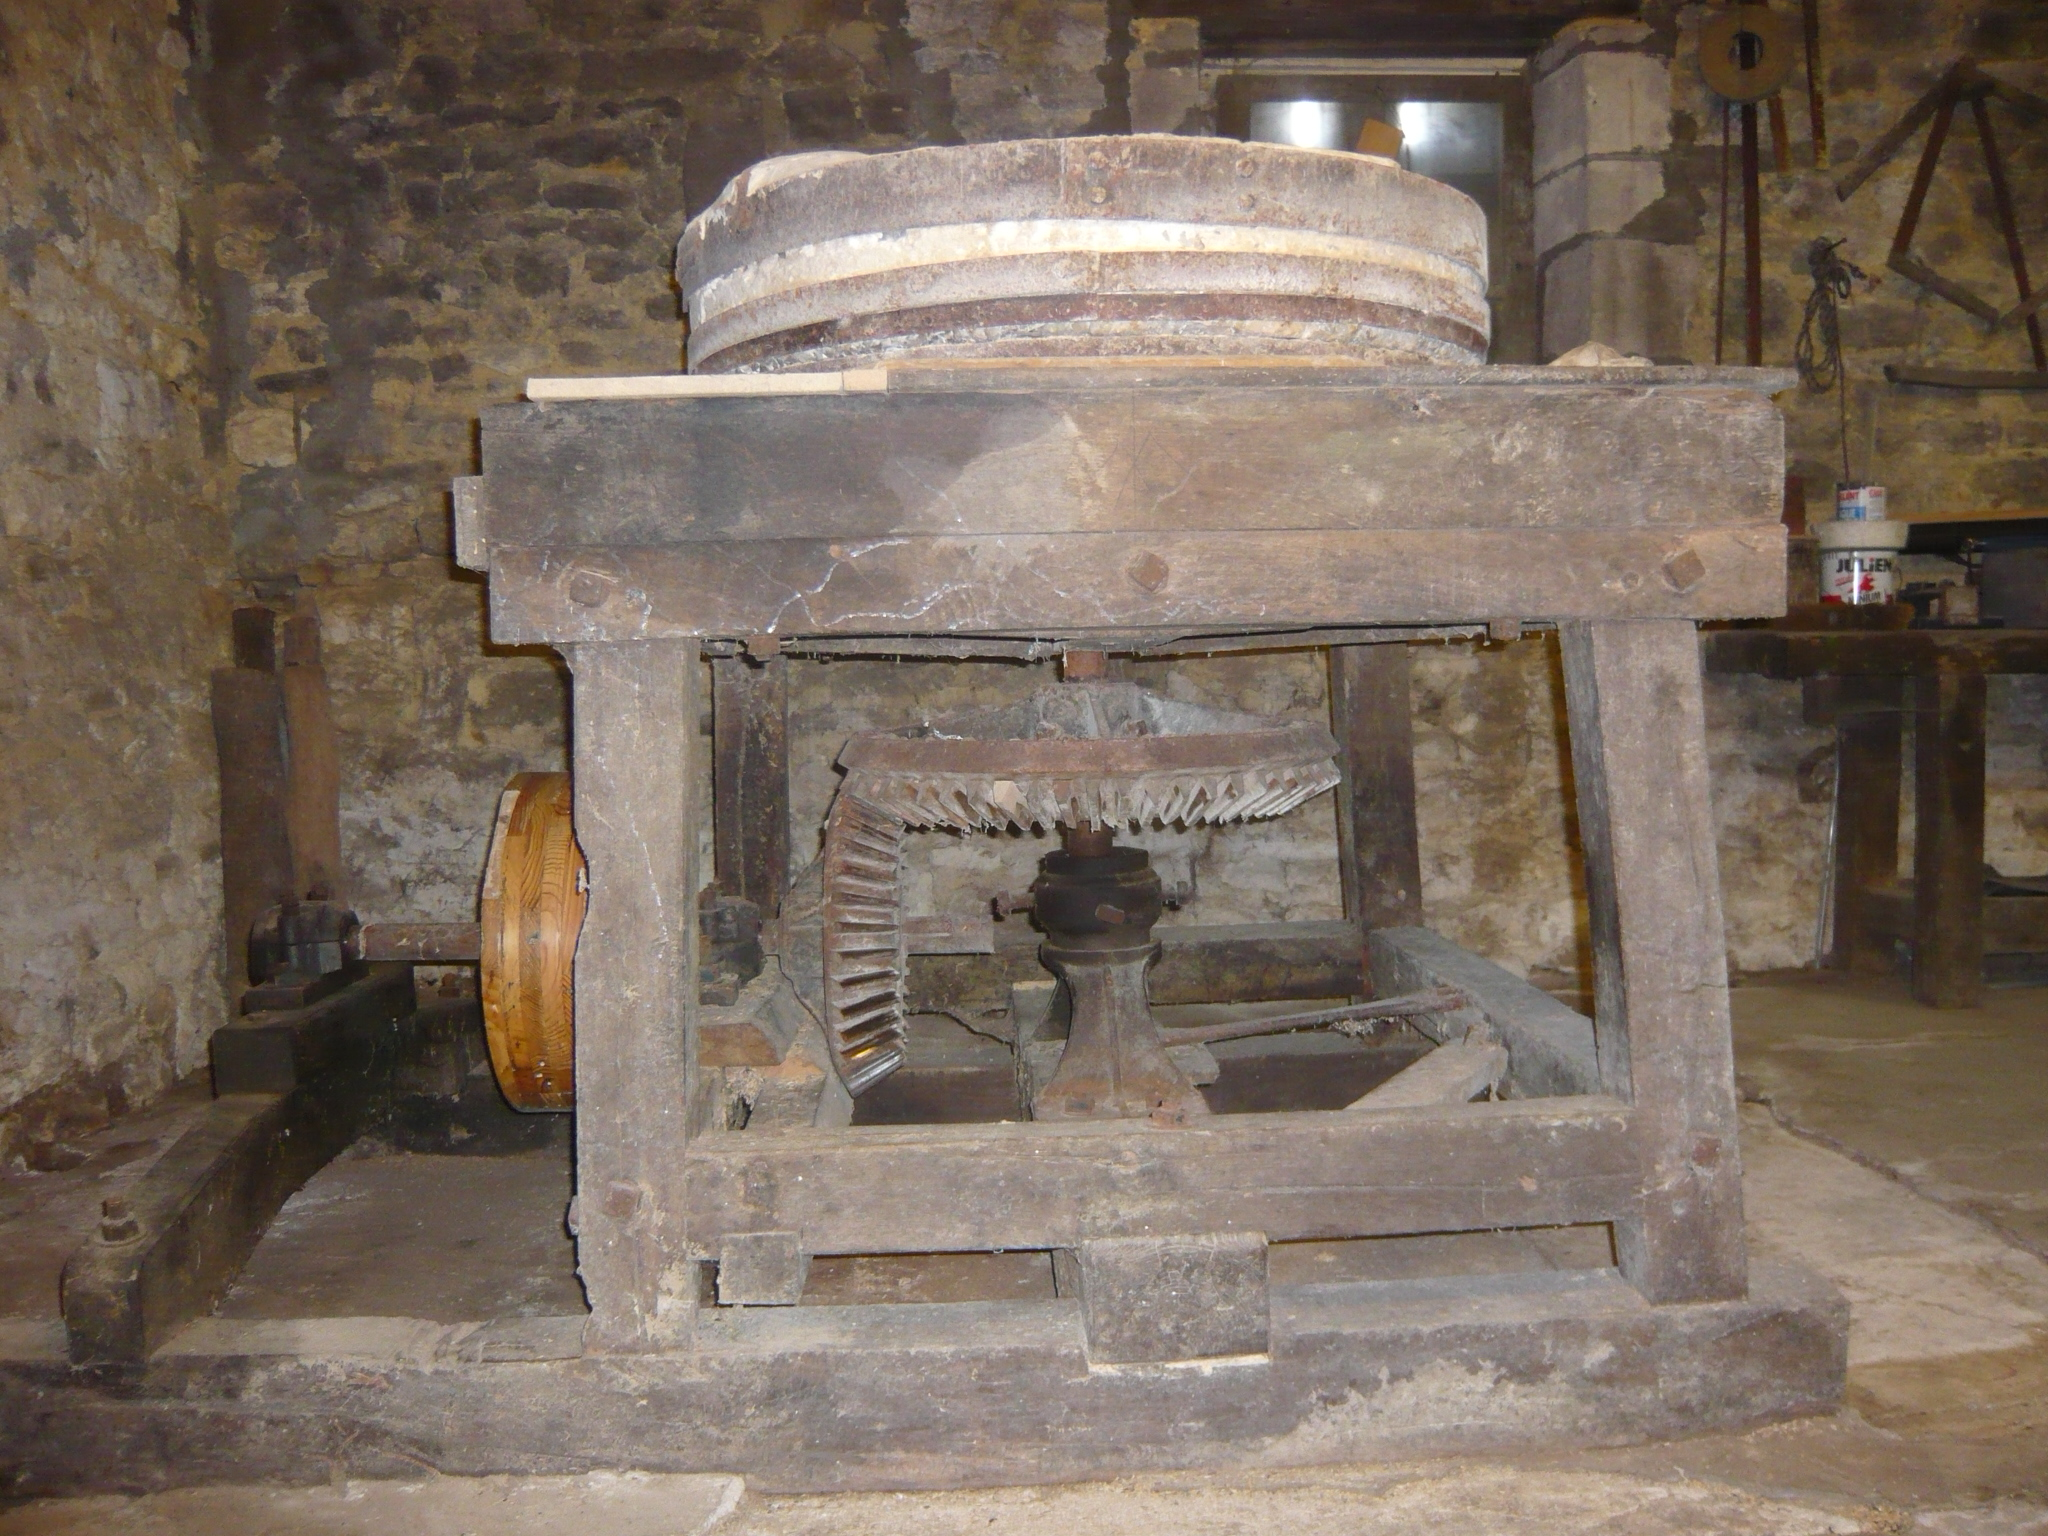 Moulin de ferme de Bercloux